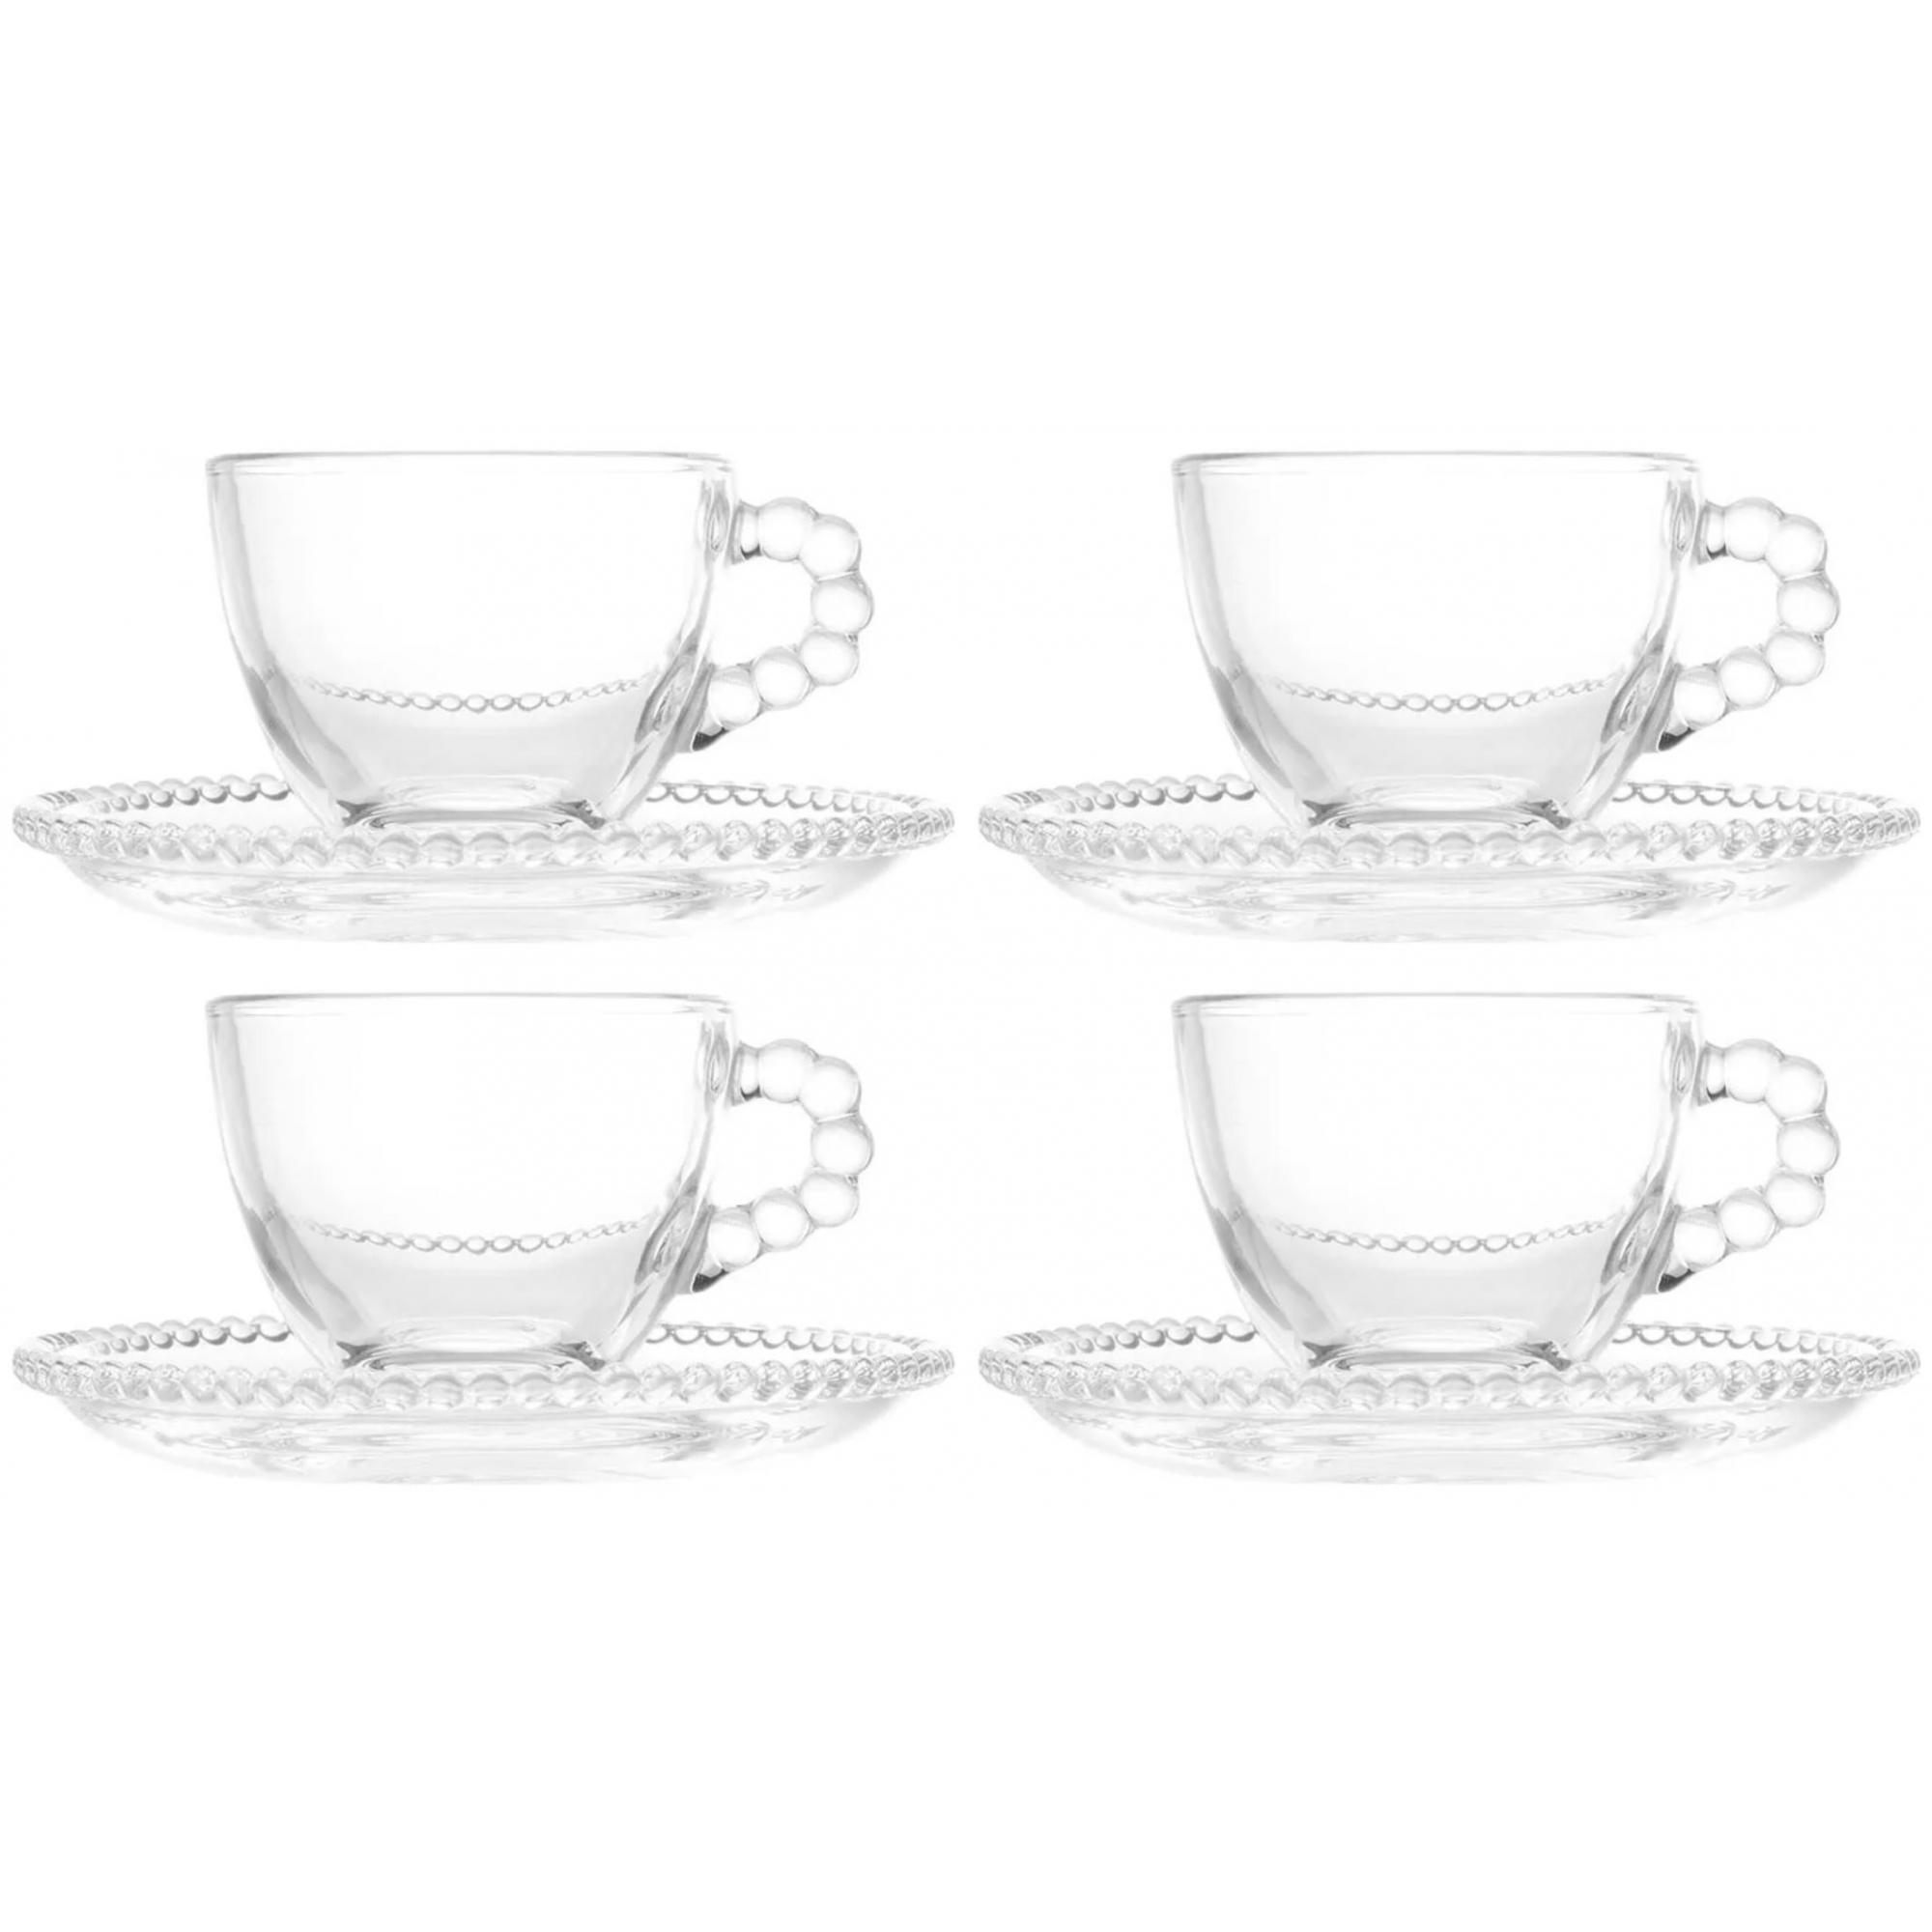 Jogo 4 xícaras 100ml para café de cristal transparente com pires Pearl Wolff - 27899